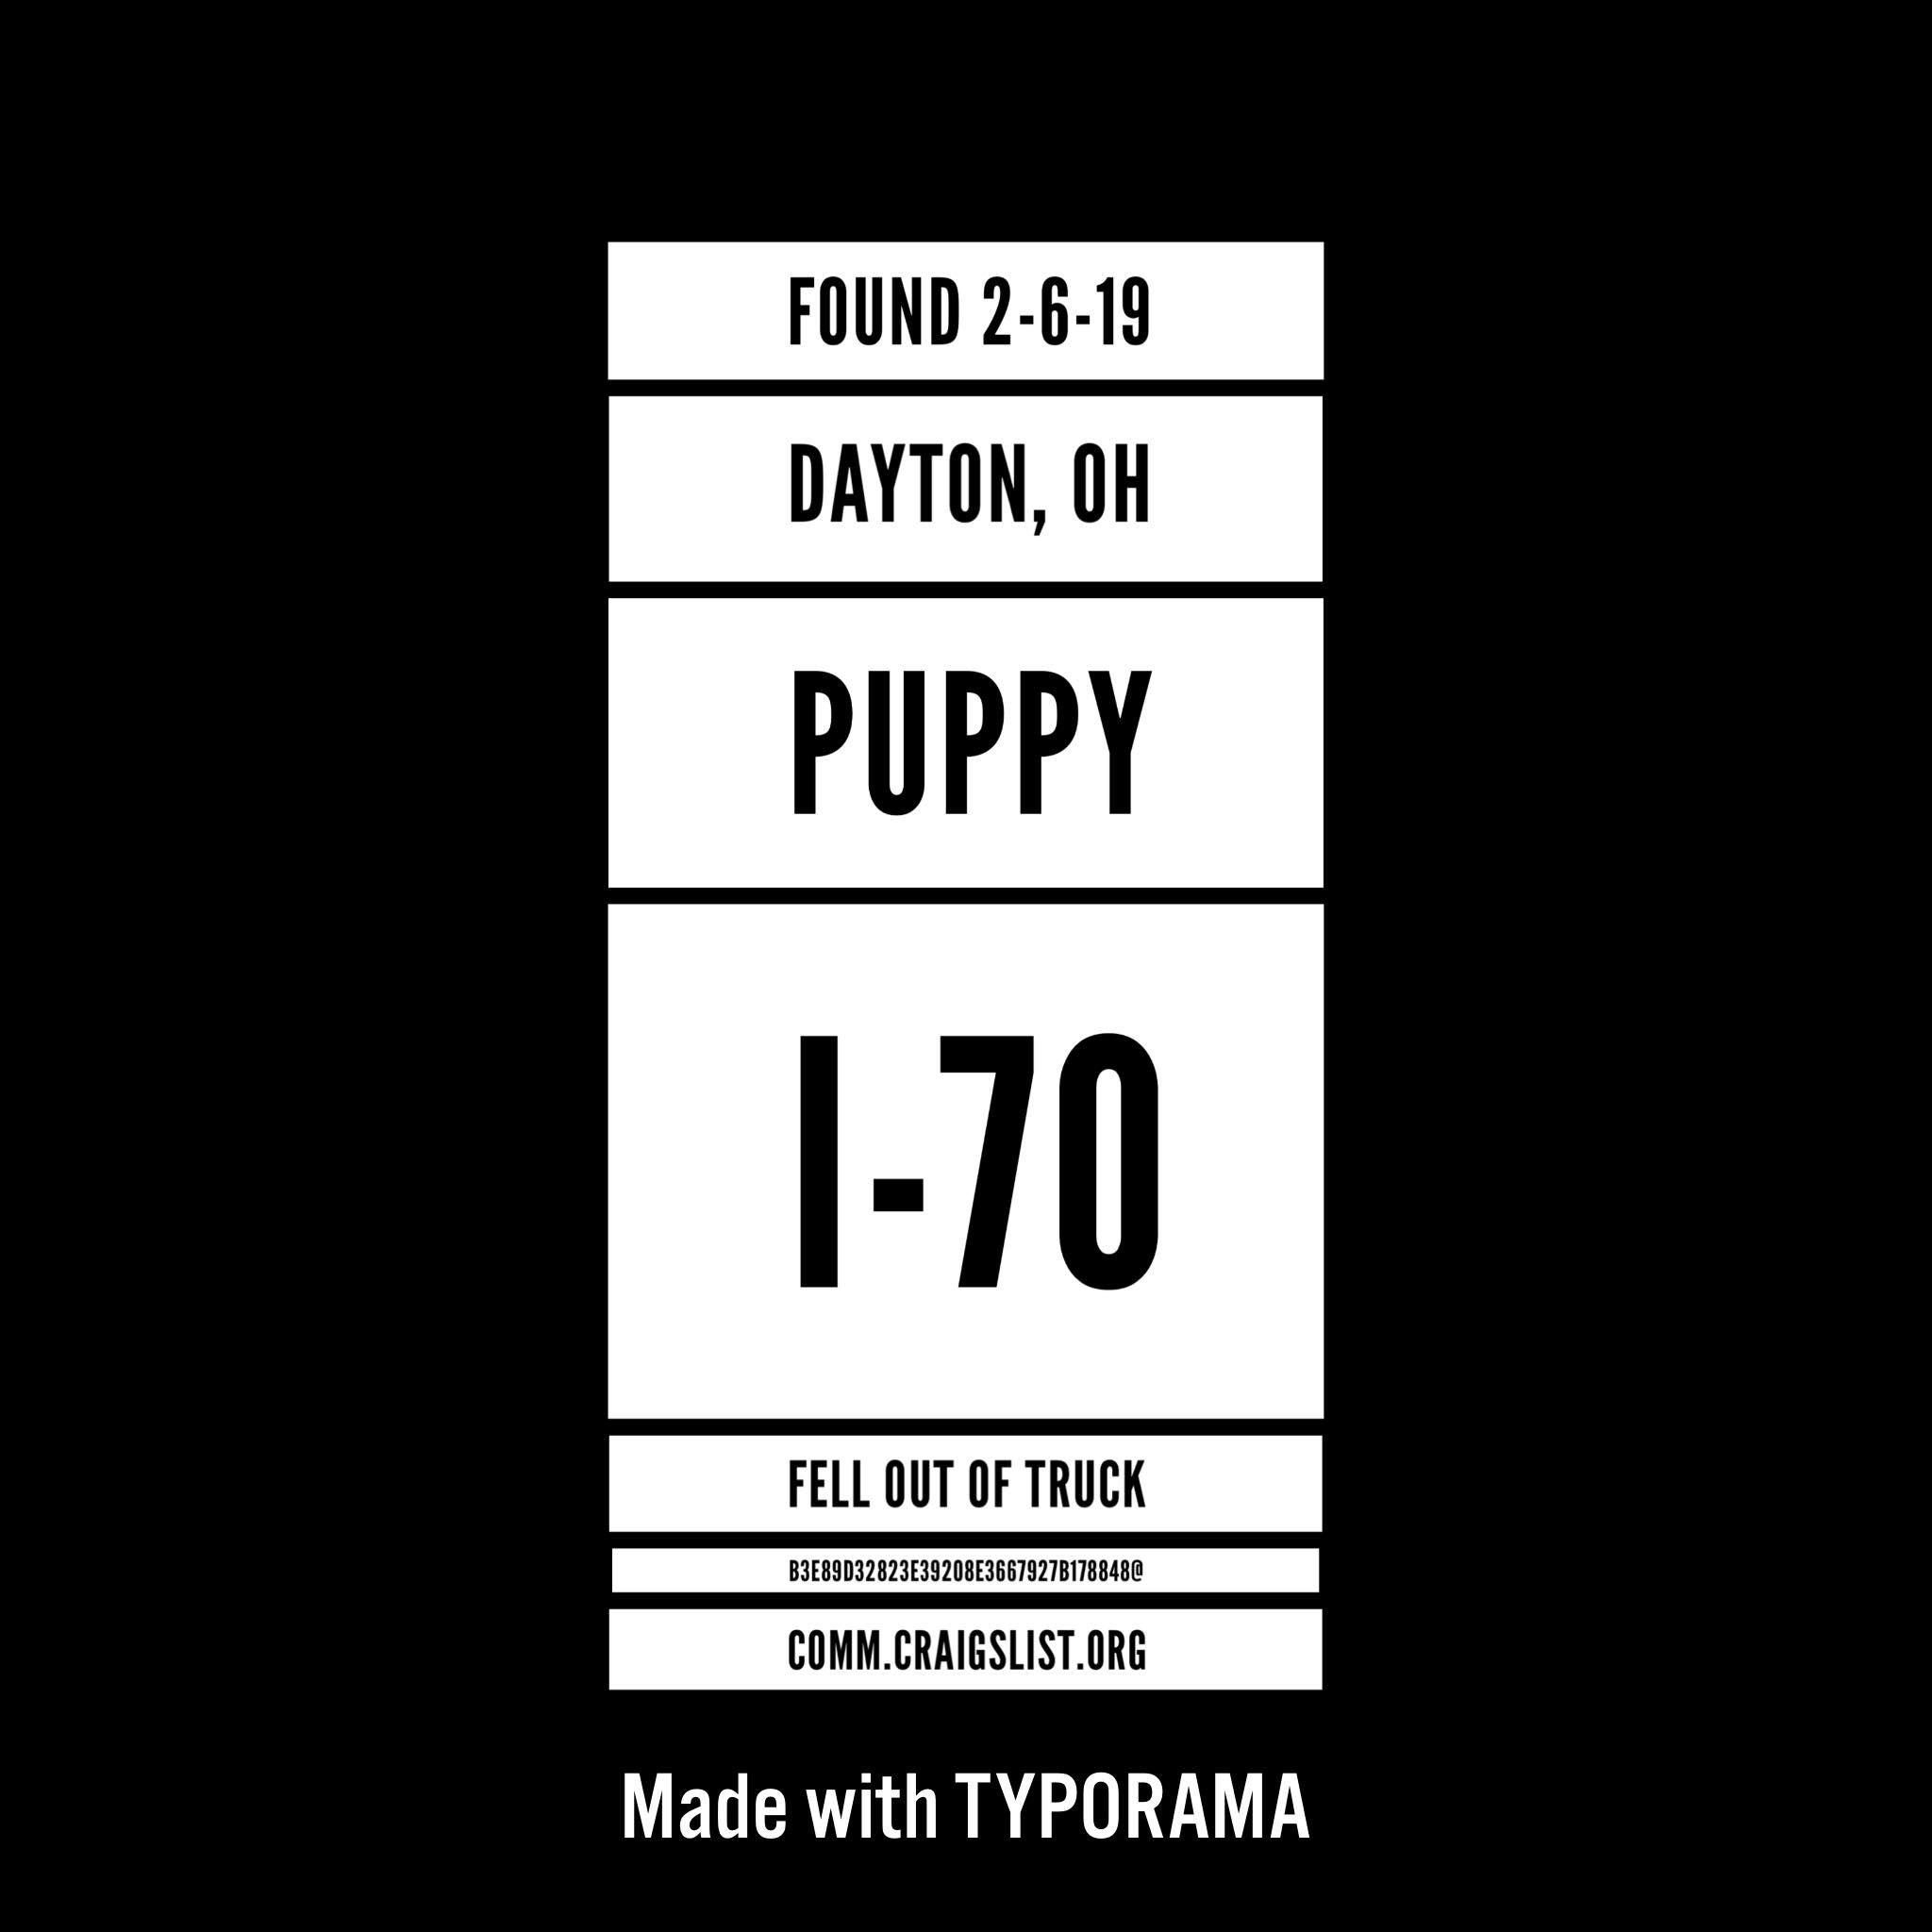 Craigslist Ohio Puppies For Sale